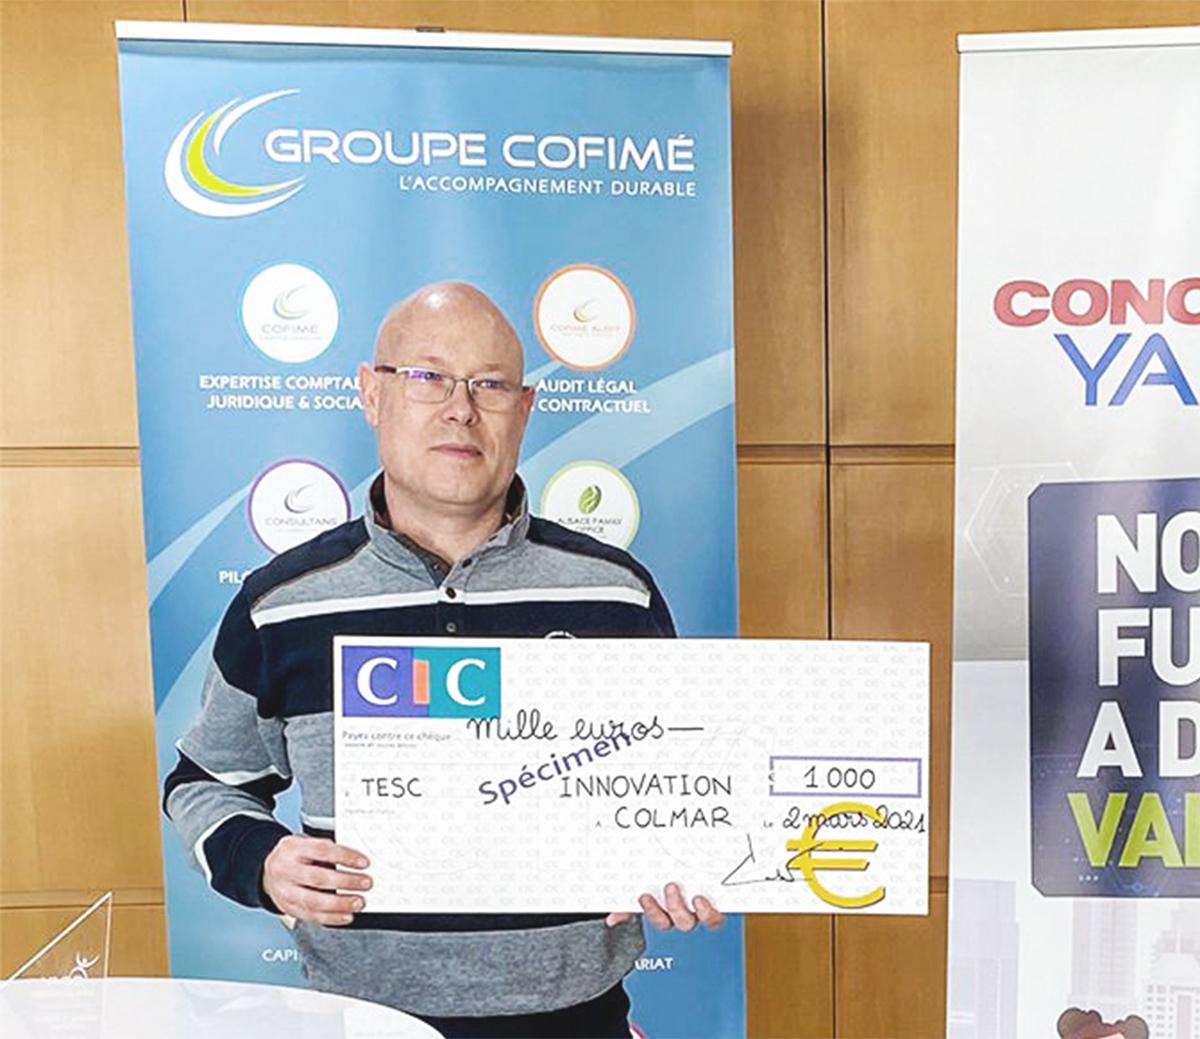 TESC Innovation décroche le 3ème prix « Produits et Services Innovants » au concours Yago 2020